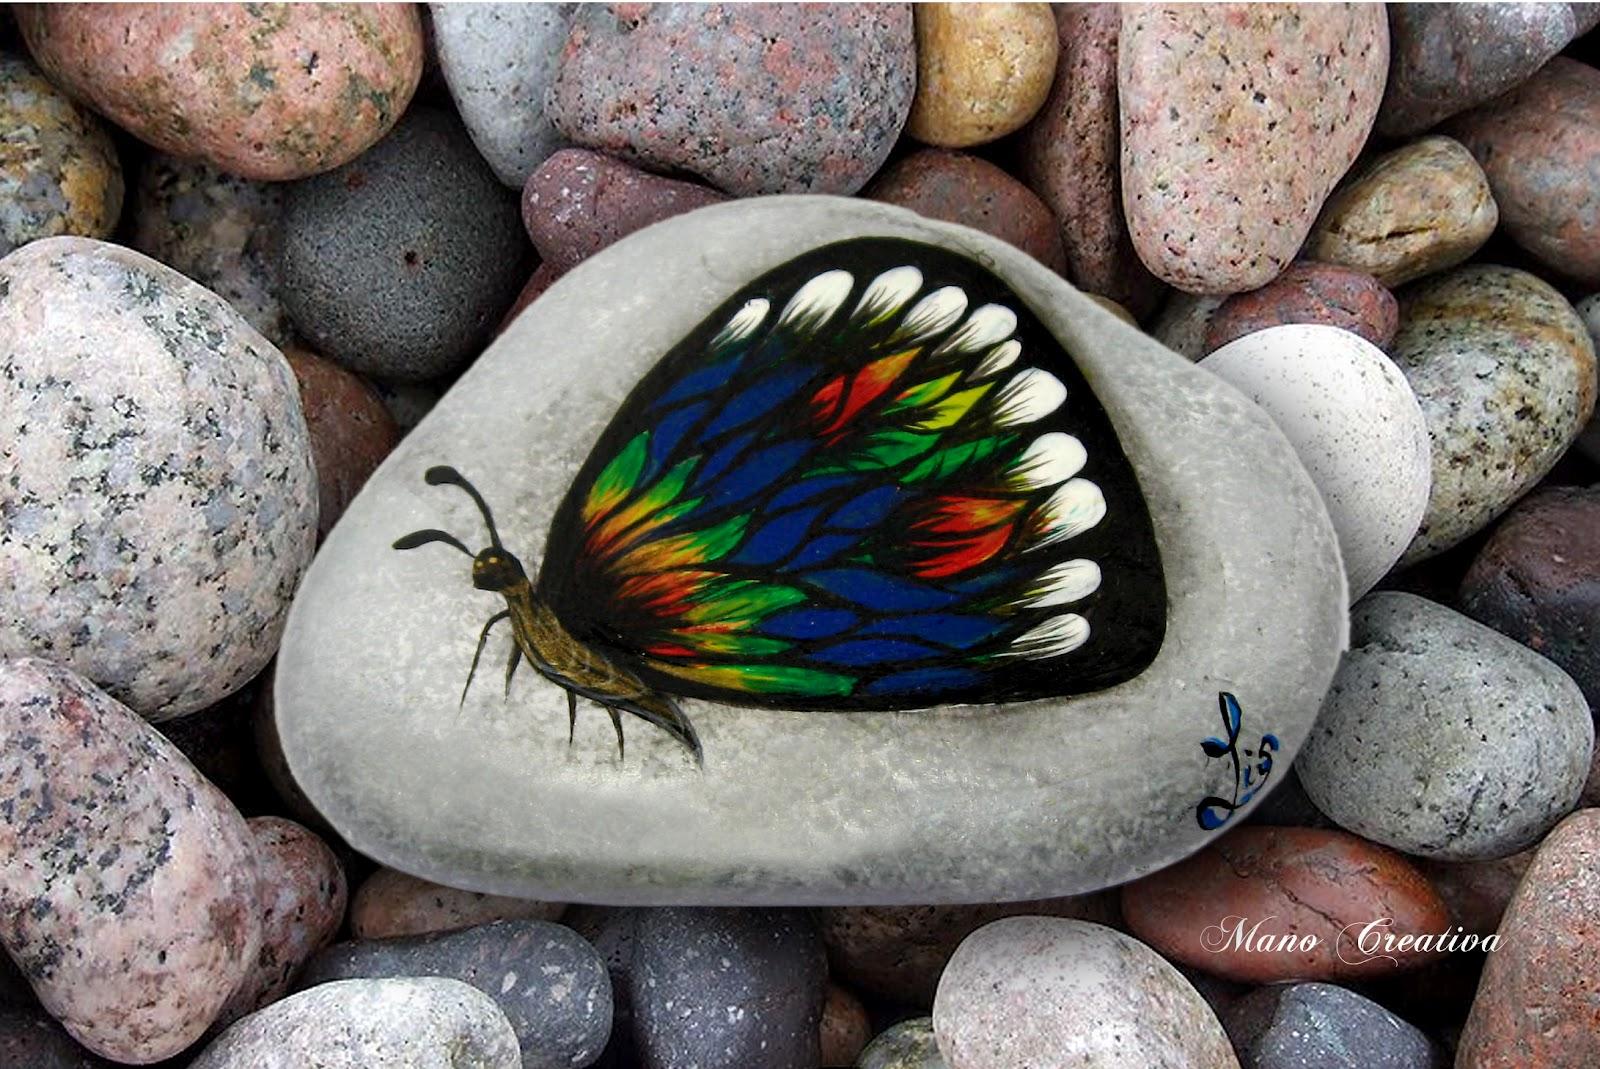 mano creativa pintura sobre piedras